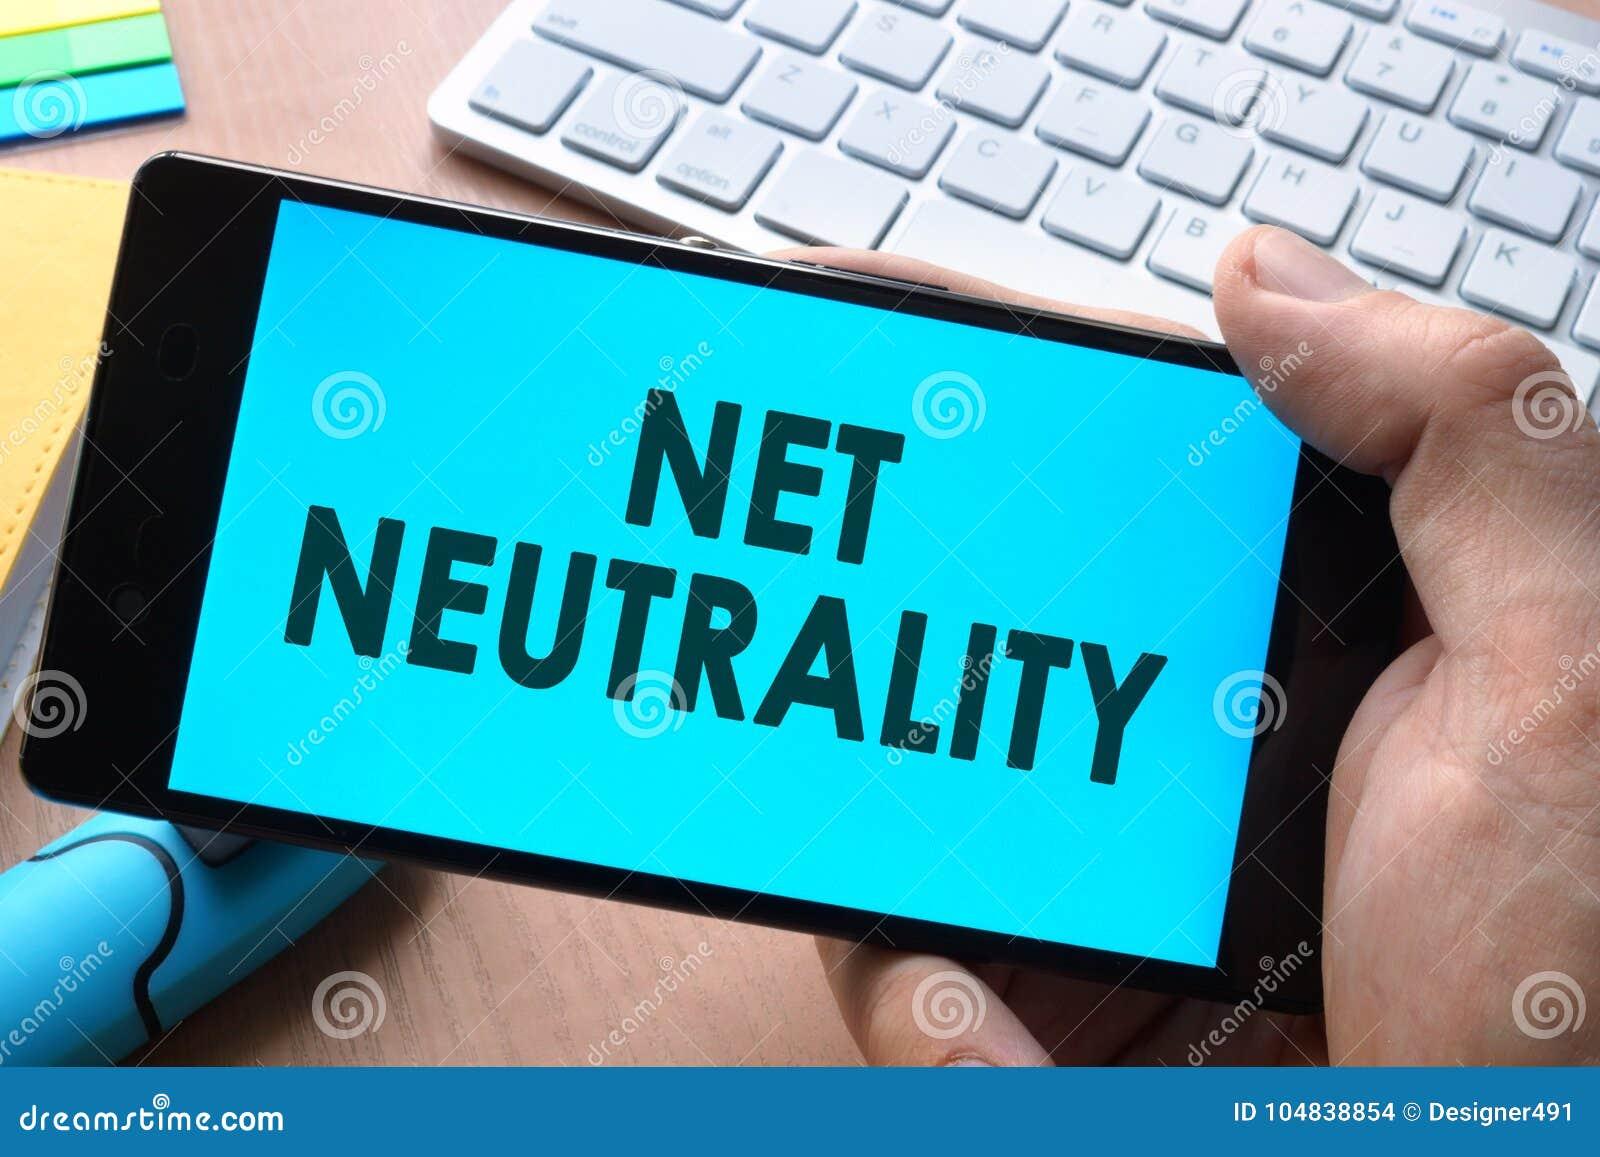 Smartphone met woorden netto neutraliteit